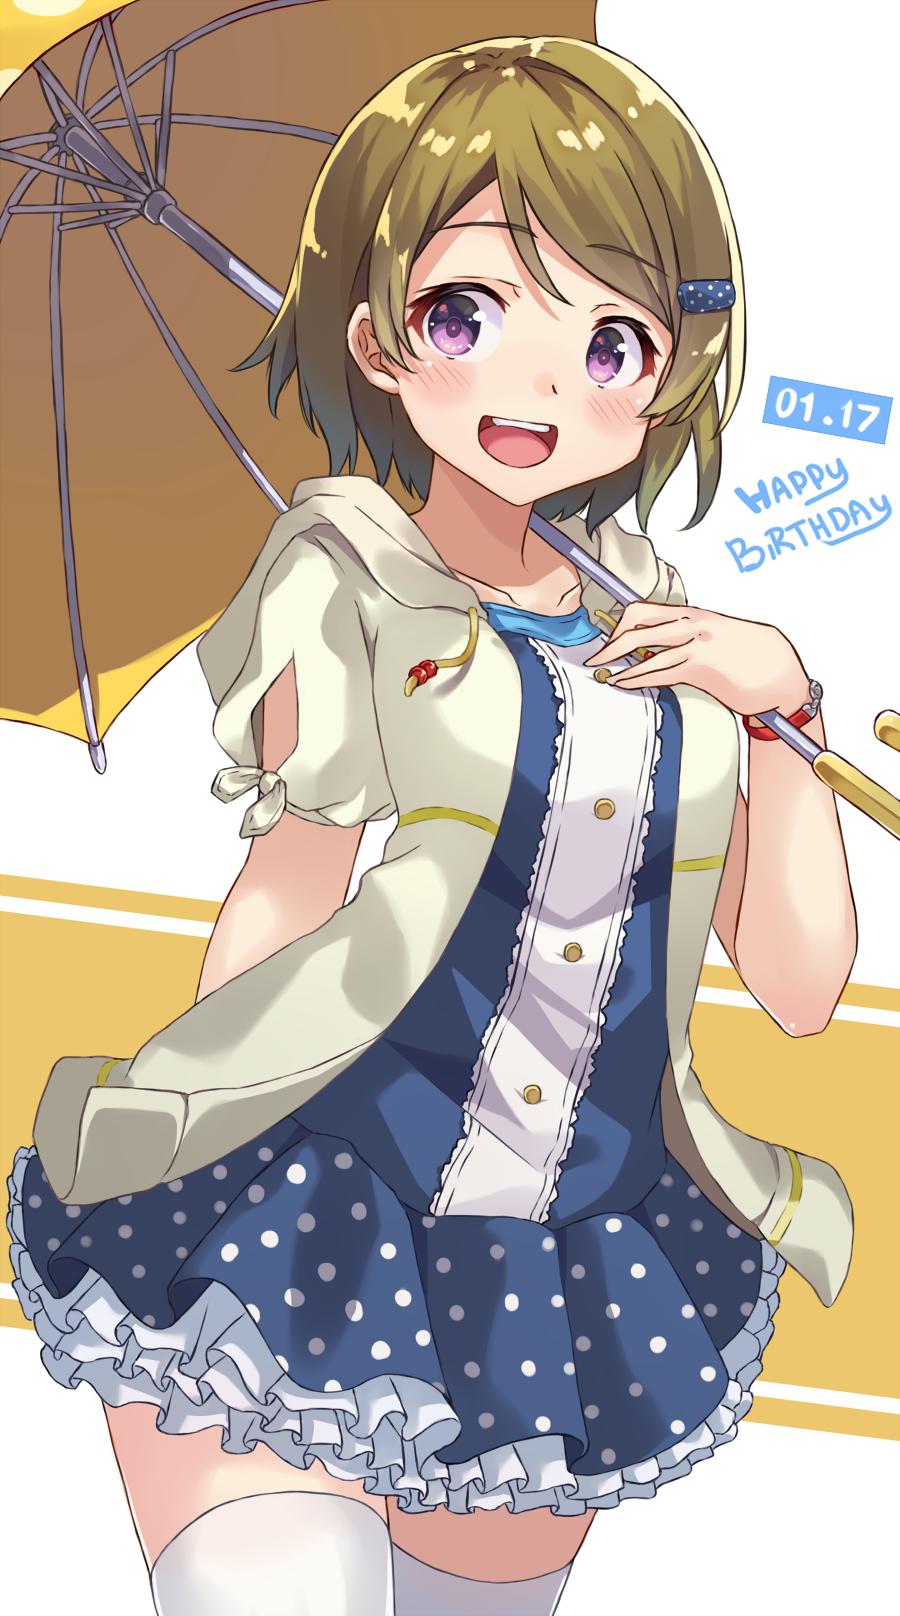 ラブライブ! 小泉花陽 / LoveLive! Koizumi Hanayo #5381